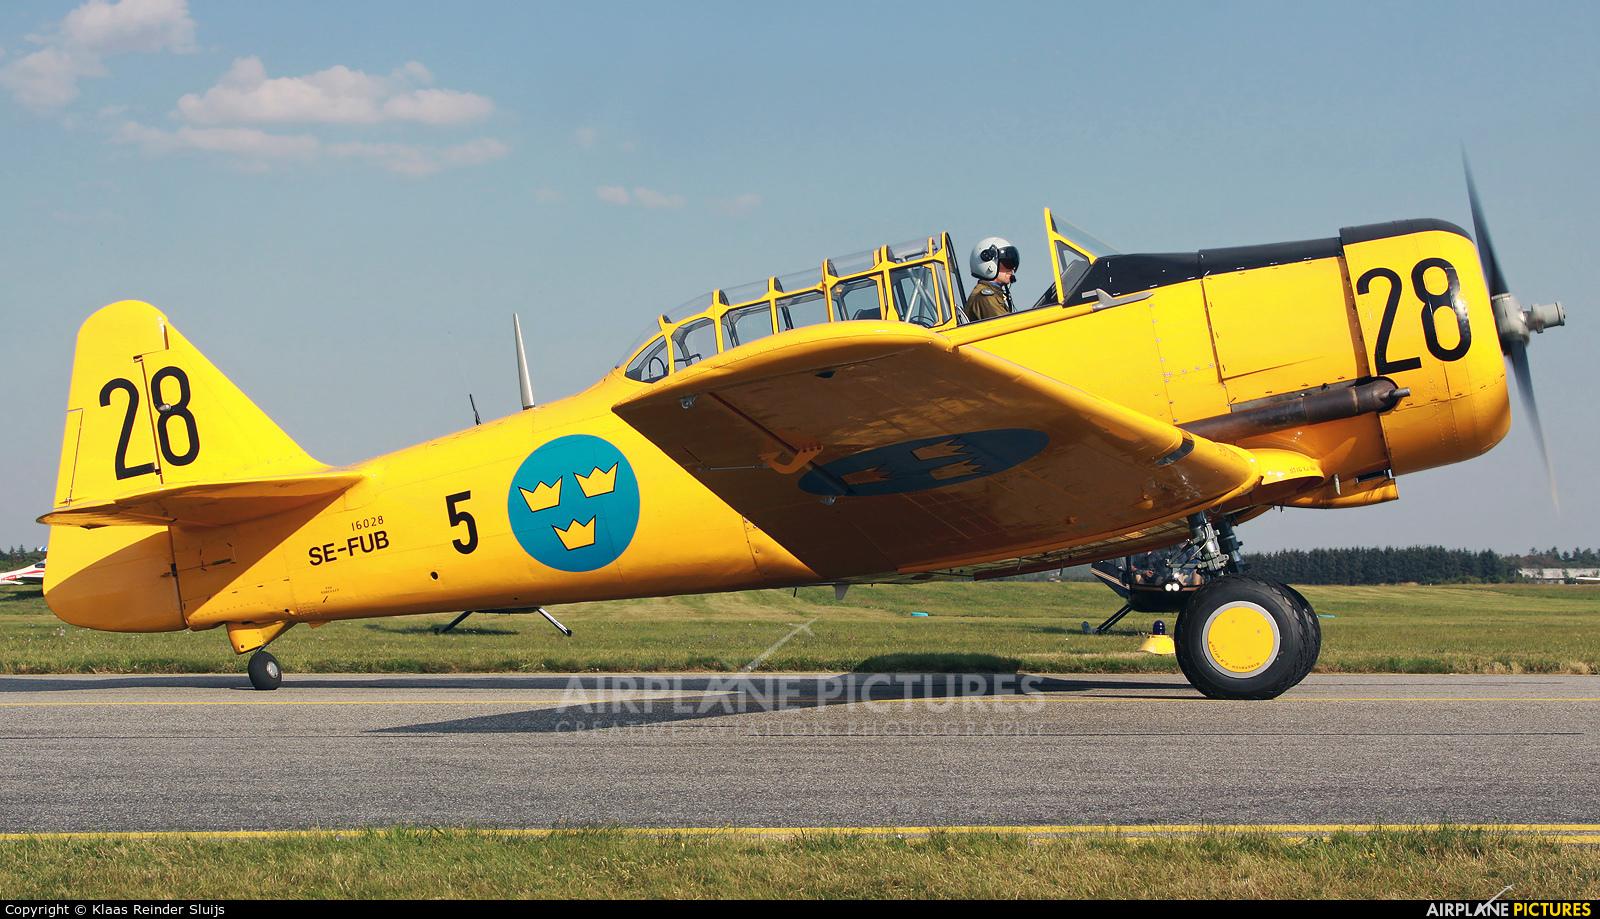 Swedish Air Force Historic Flight SE-FUB aircraft at Stauning